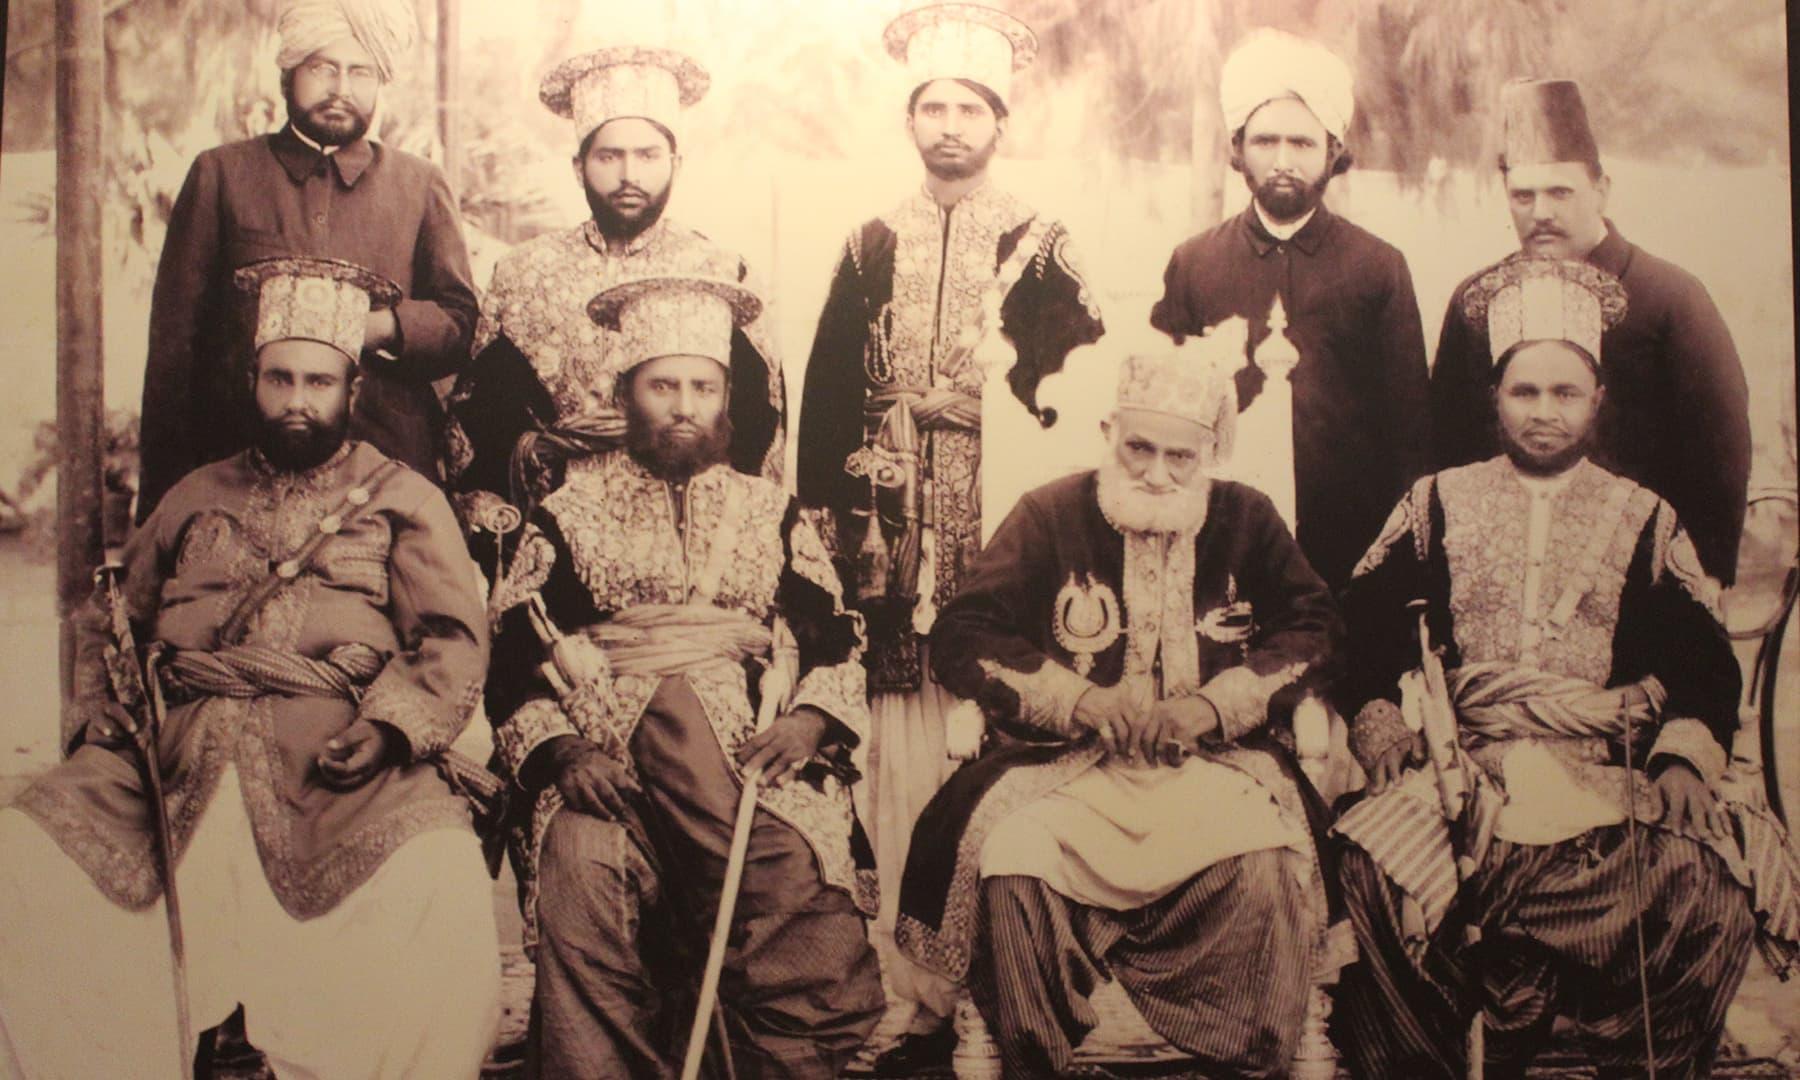 فیض محل میں آویزاں تالپر حکمرانوں کی تصویر—تصویر اختر حفیظ